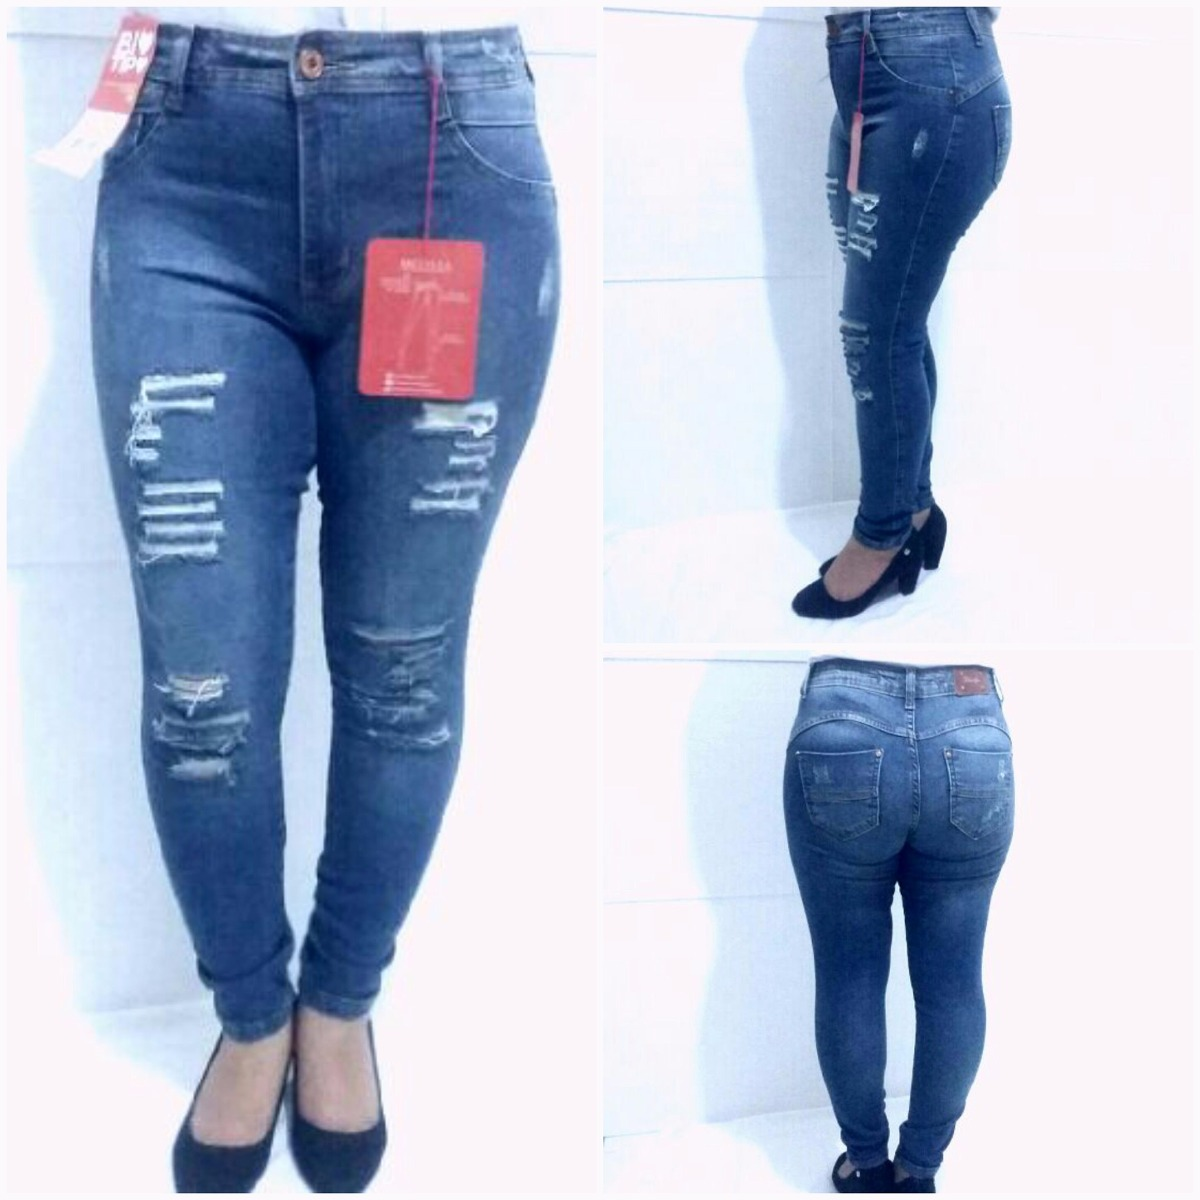 178bfb2b4 calça jeans feminina cintura média skinny biotipo. Carregando zoom.